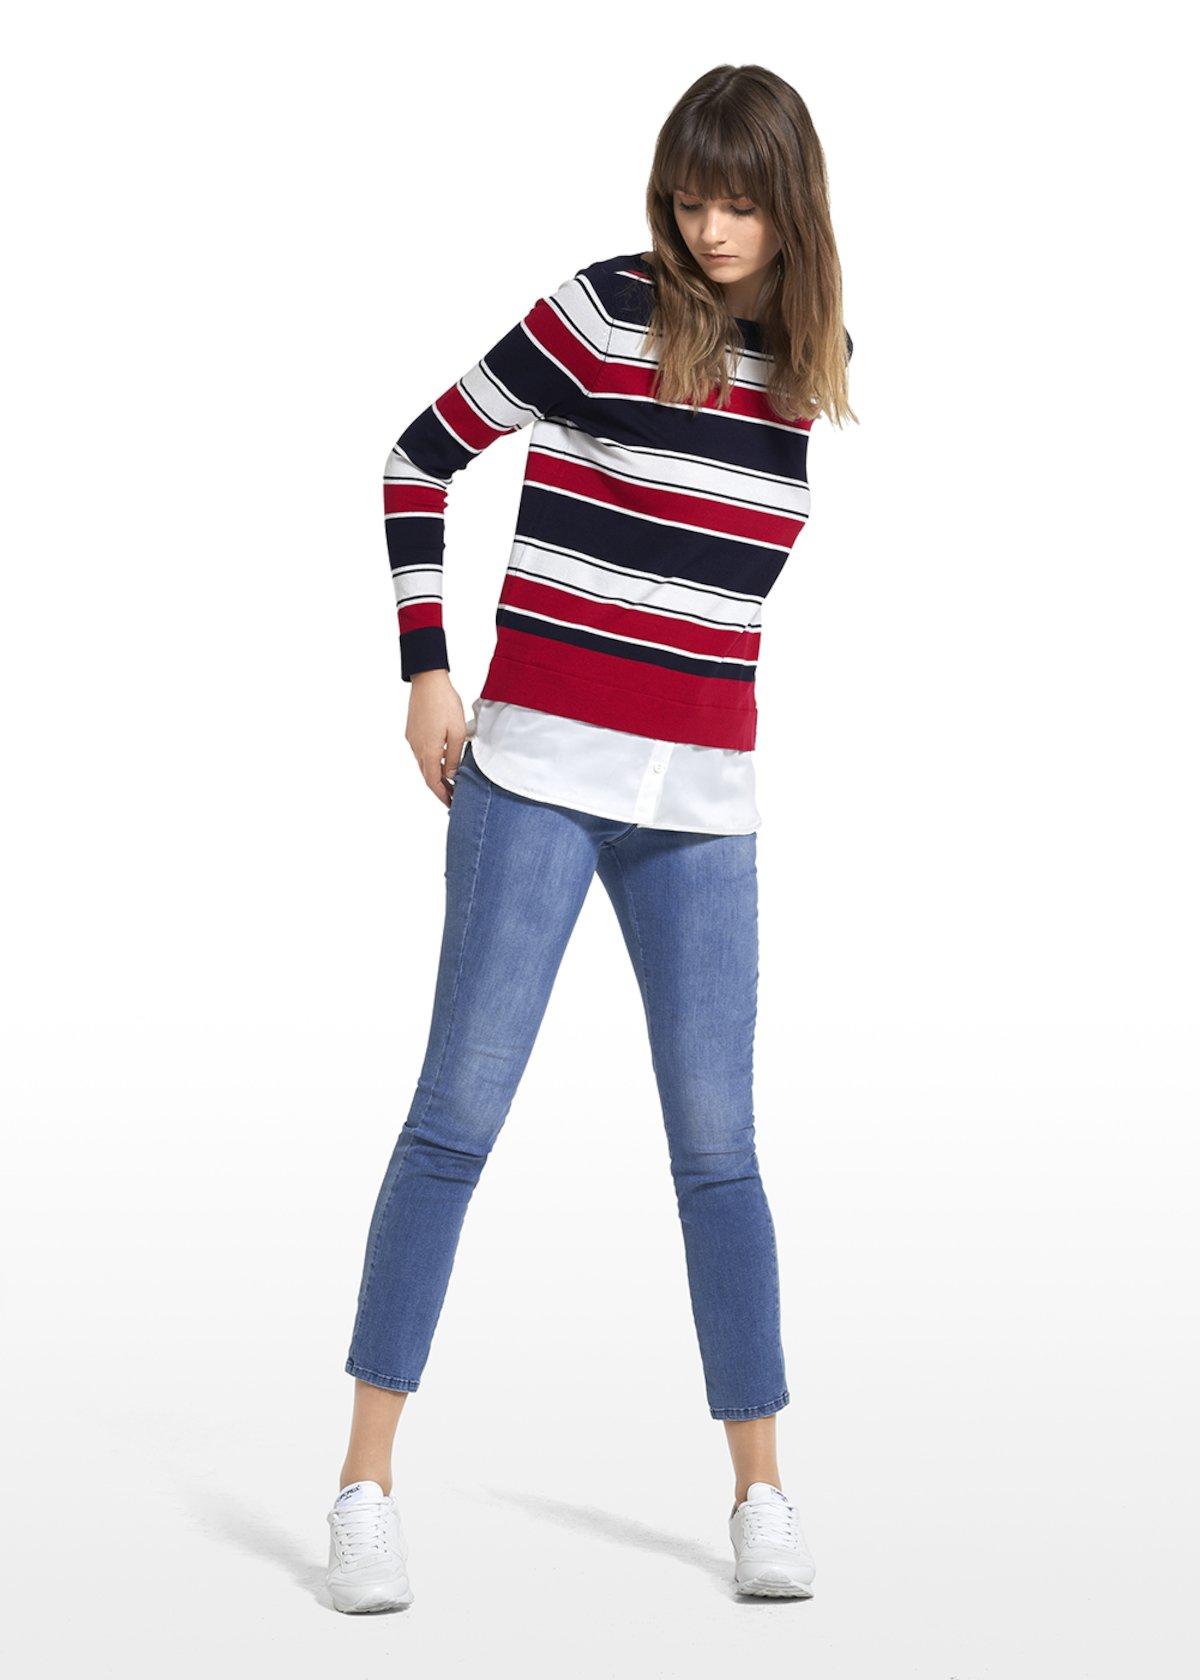 Slim leg jeans Davis with personalized salpa